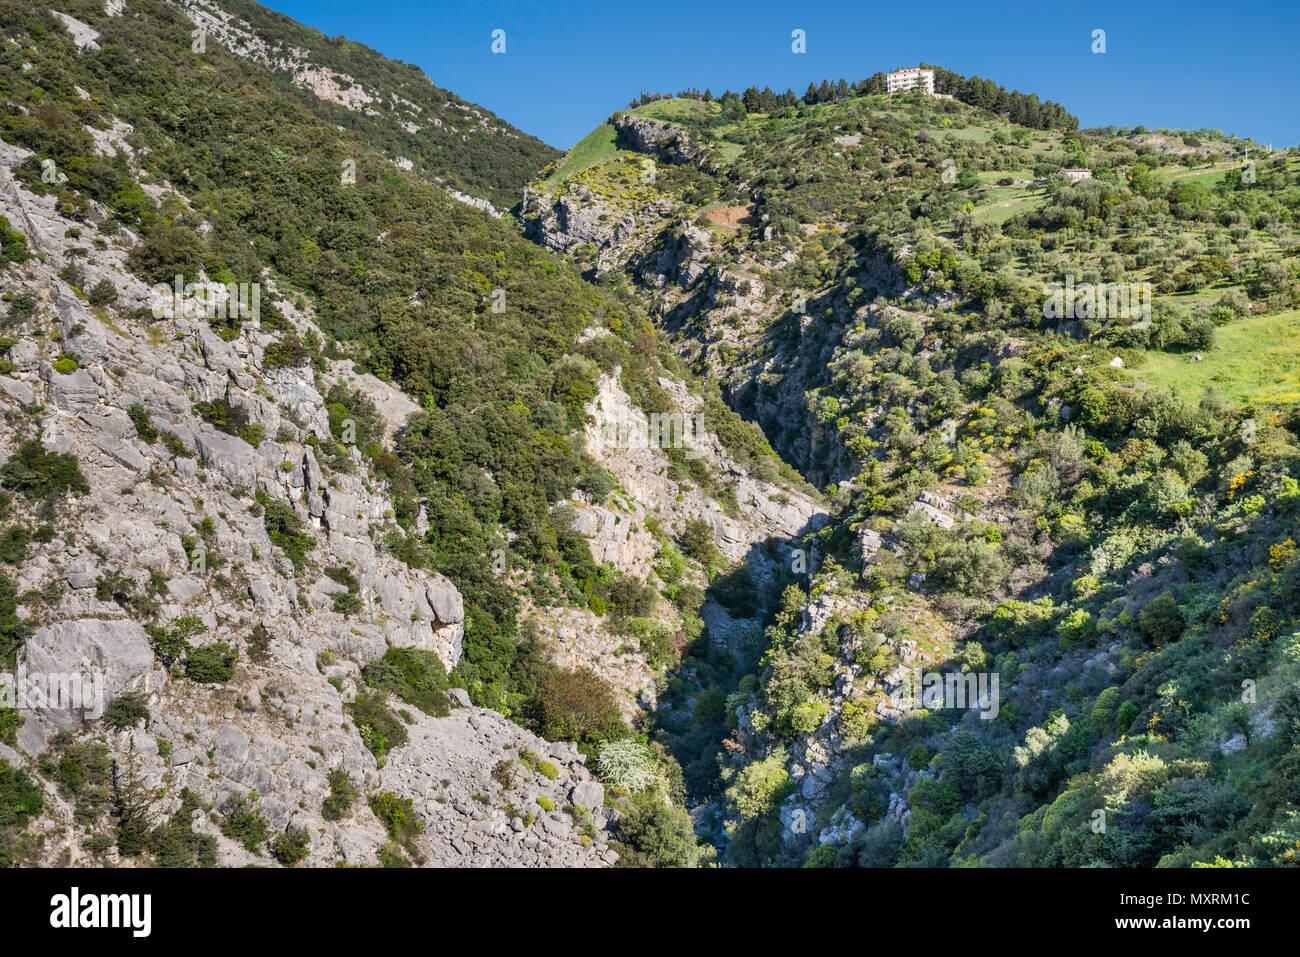 Bifurto Bifurto del Abisso (Abyss), près de la ville de Cerchiara di Calabria, Polinno massif, le sud de l'Apennin, le parc national du Pollino, Calabre, Italie Photo Stock